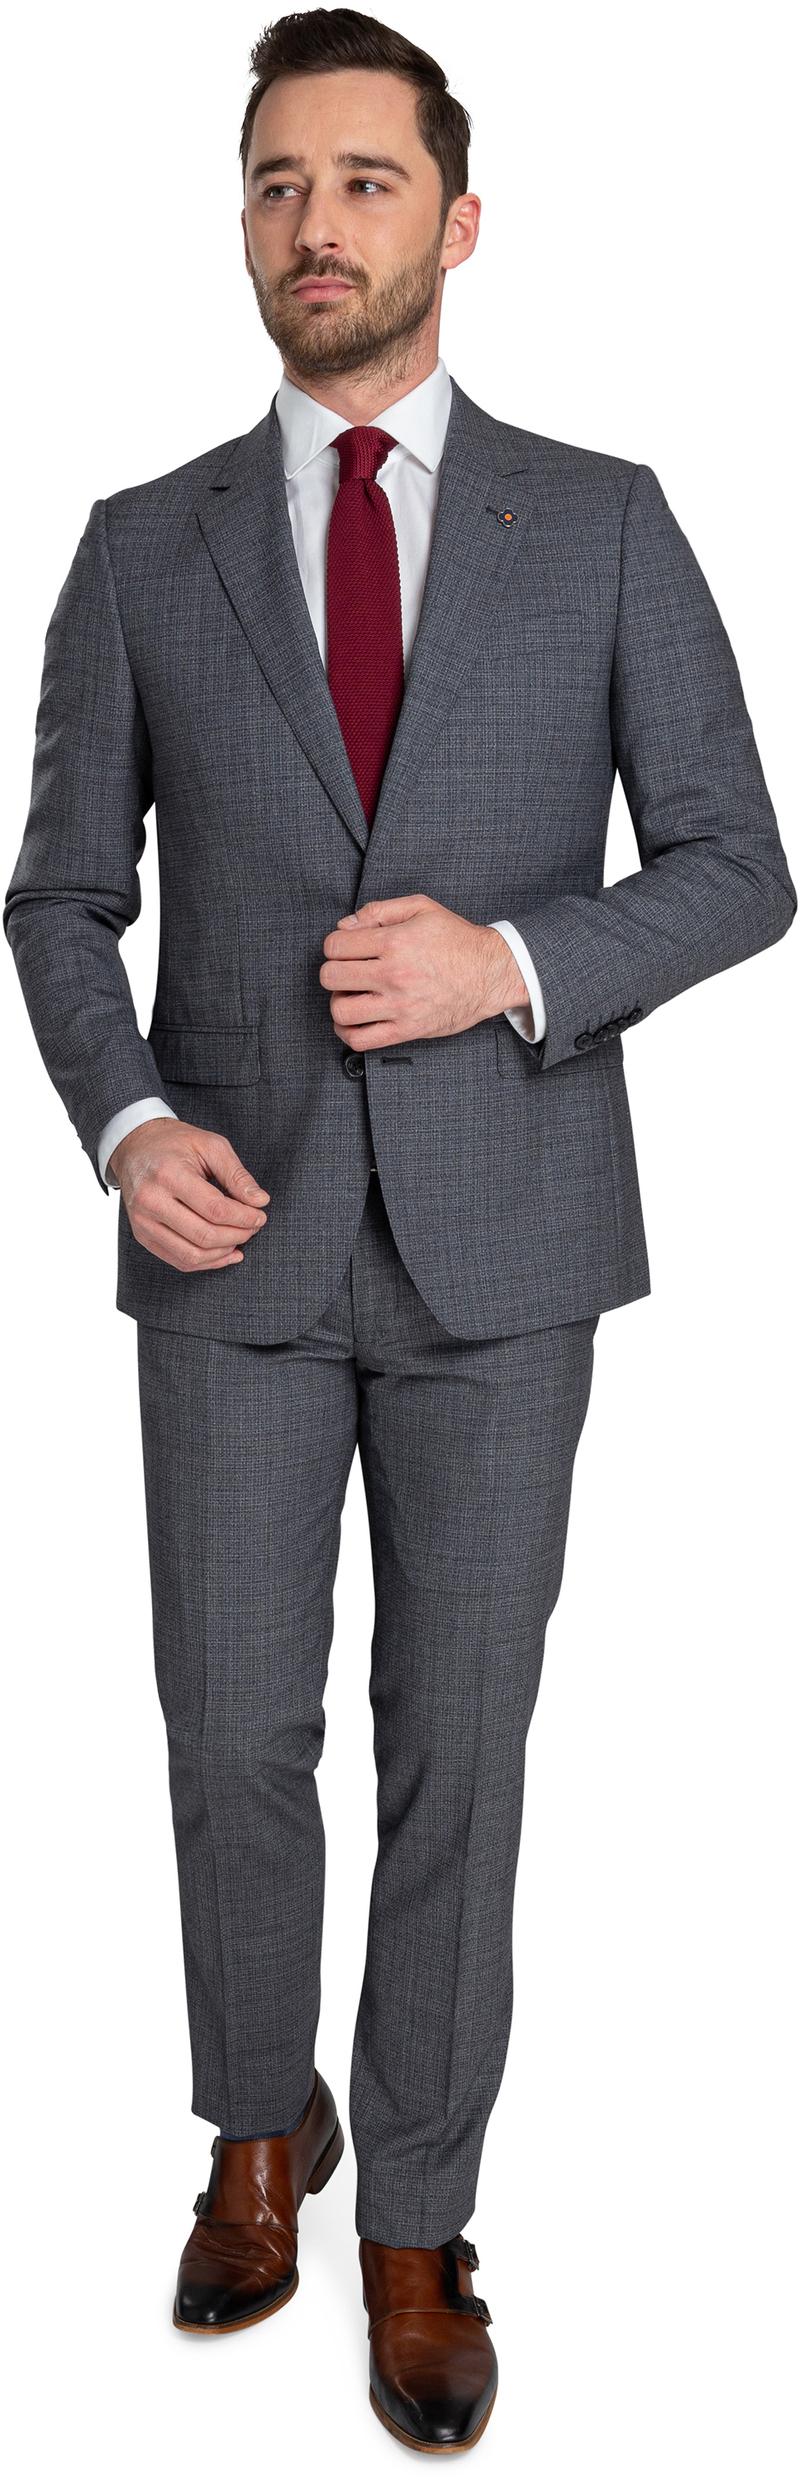 Suitable Prestige Suit Faux Checks Grey